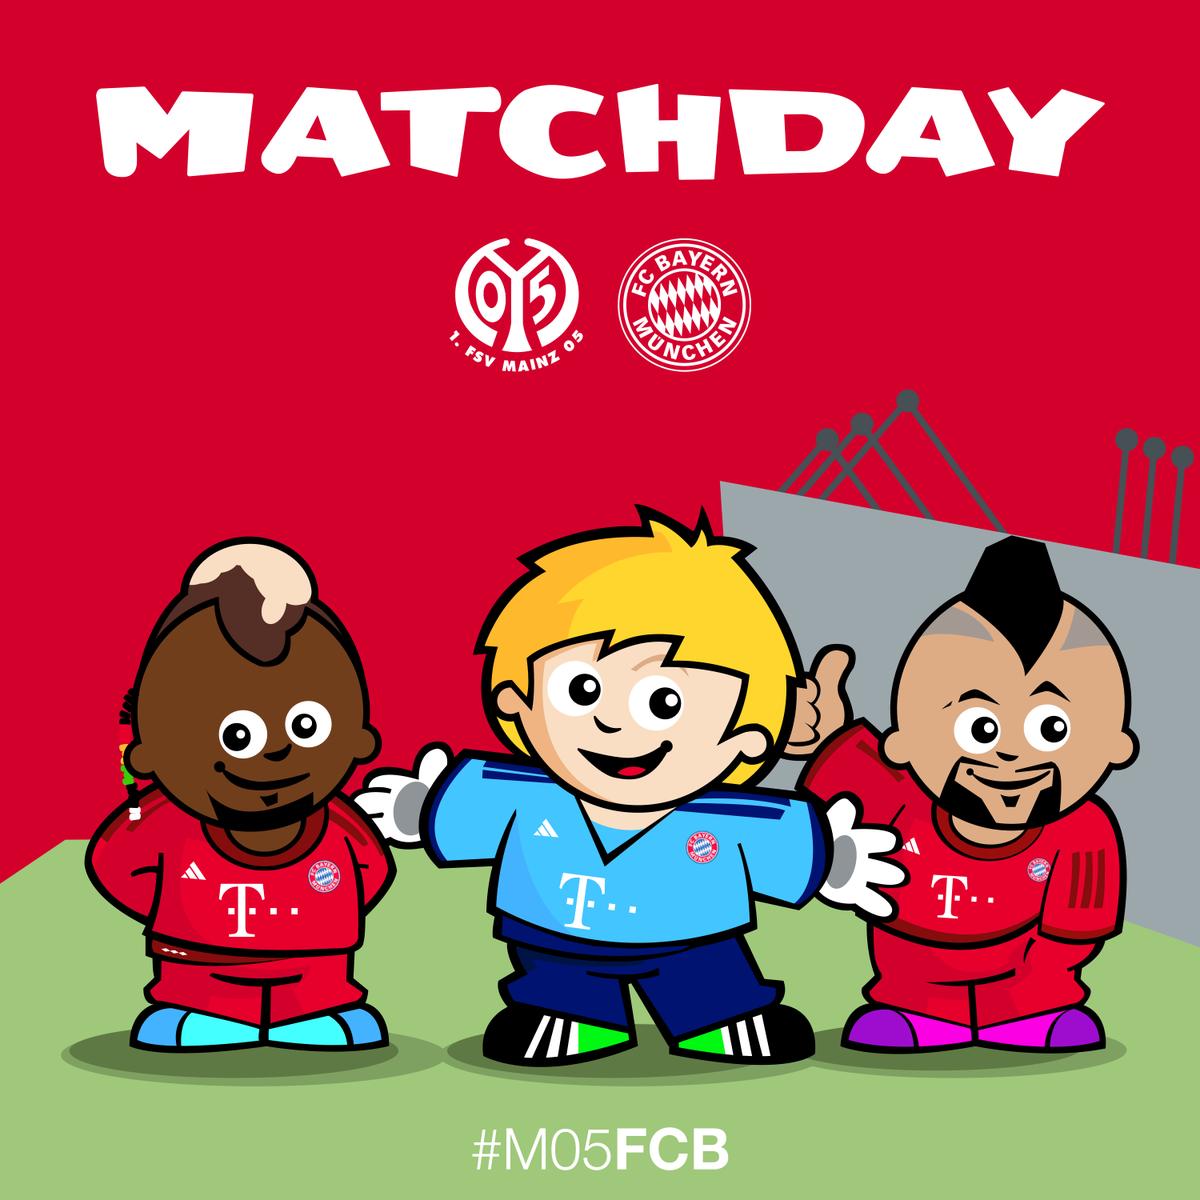 Fc Bayern Munchen On Twitter Guten Mooooorgen Heute Geht S Nach Mainz Daumen Drucken Ab 15 30 Uhr M05fcb Packmas Http T Co P3y3ayzzun